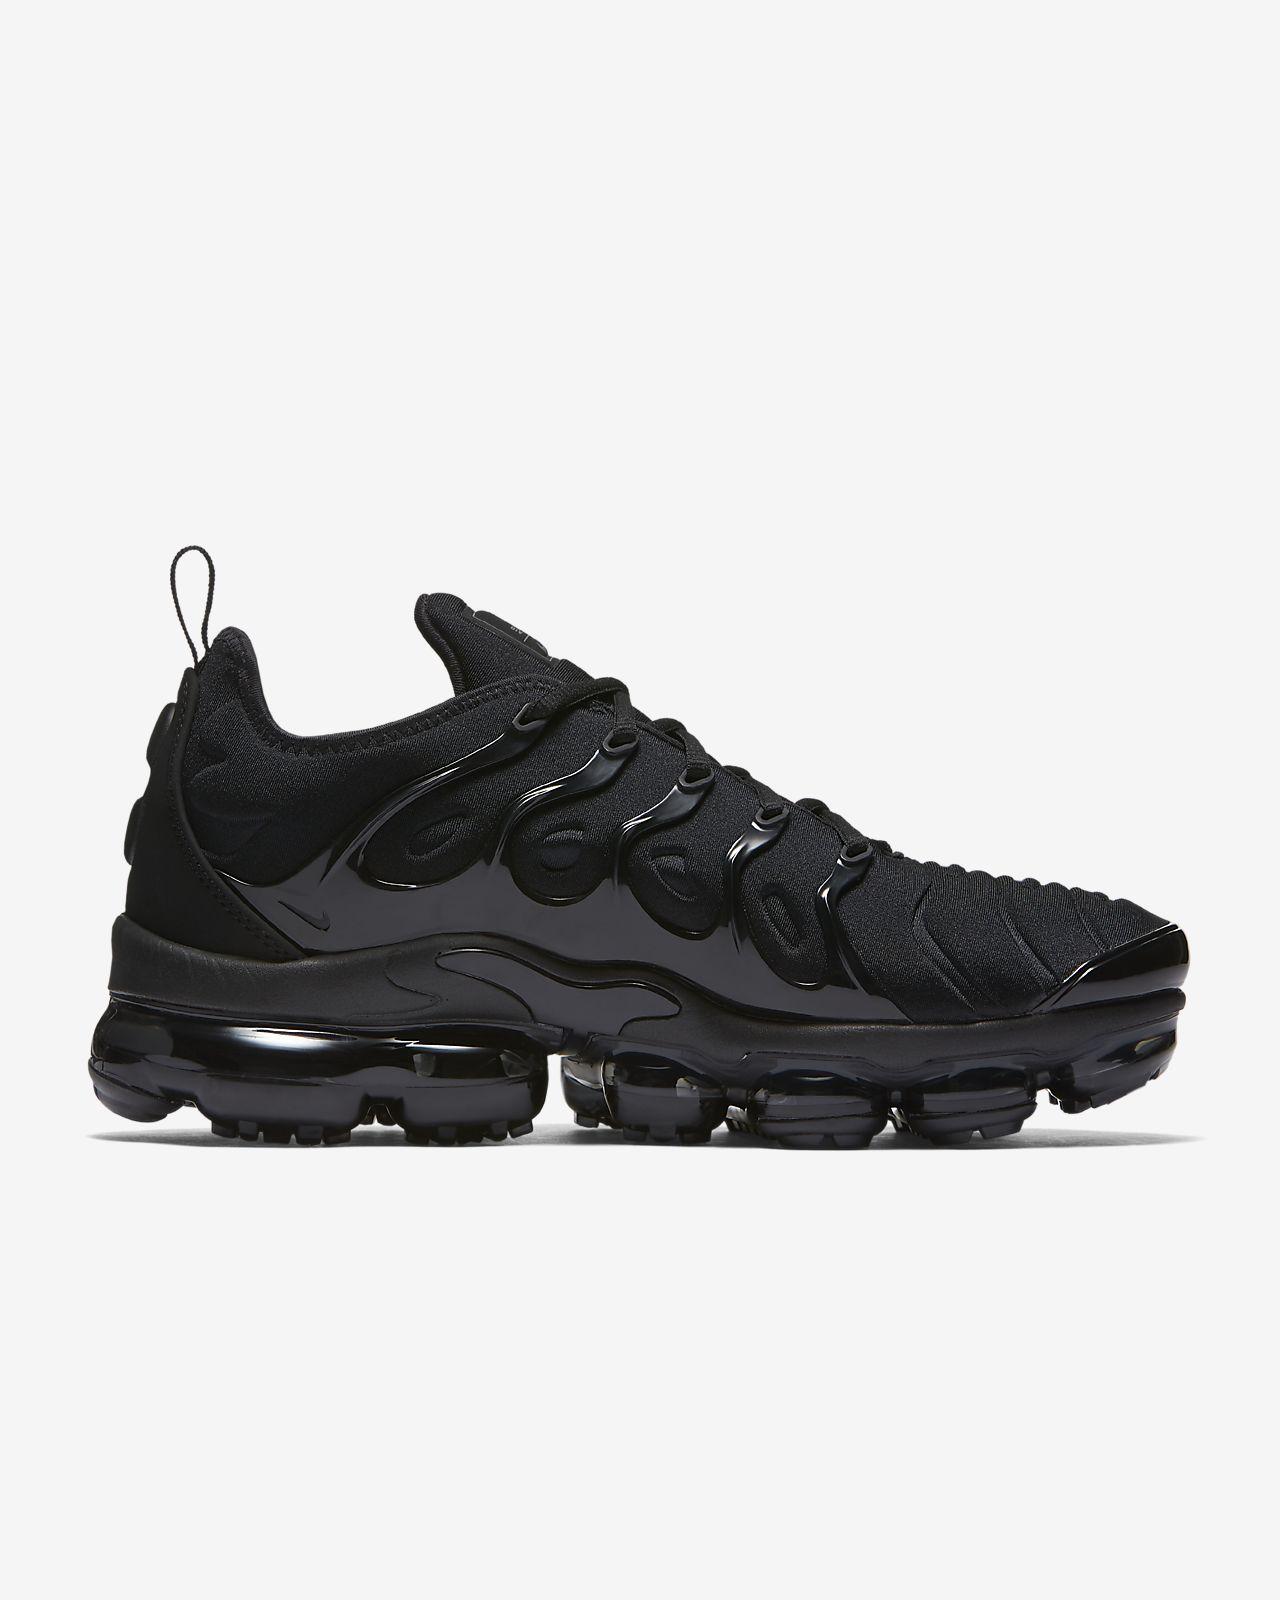 Nike Vapormax Plus 2018